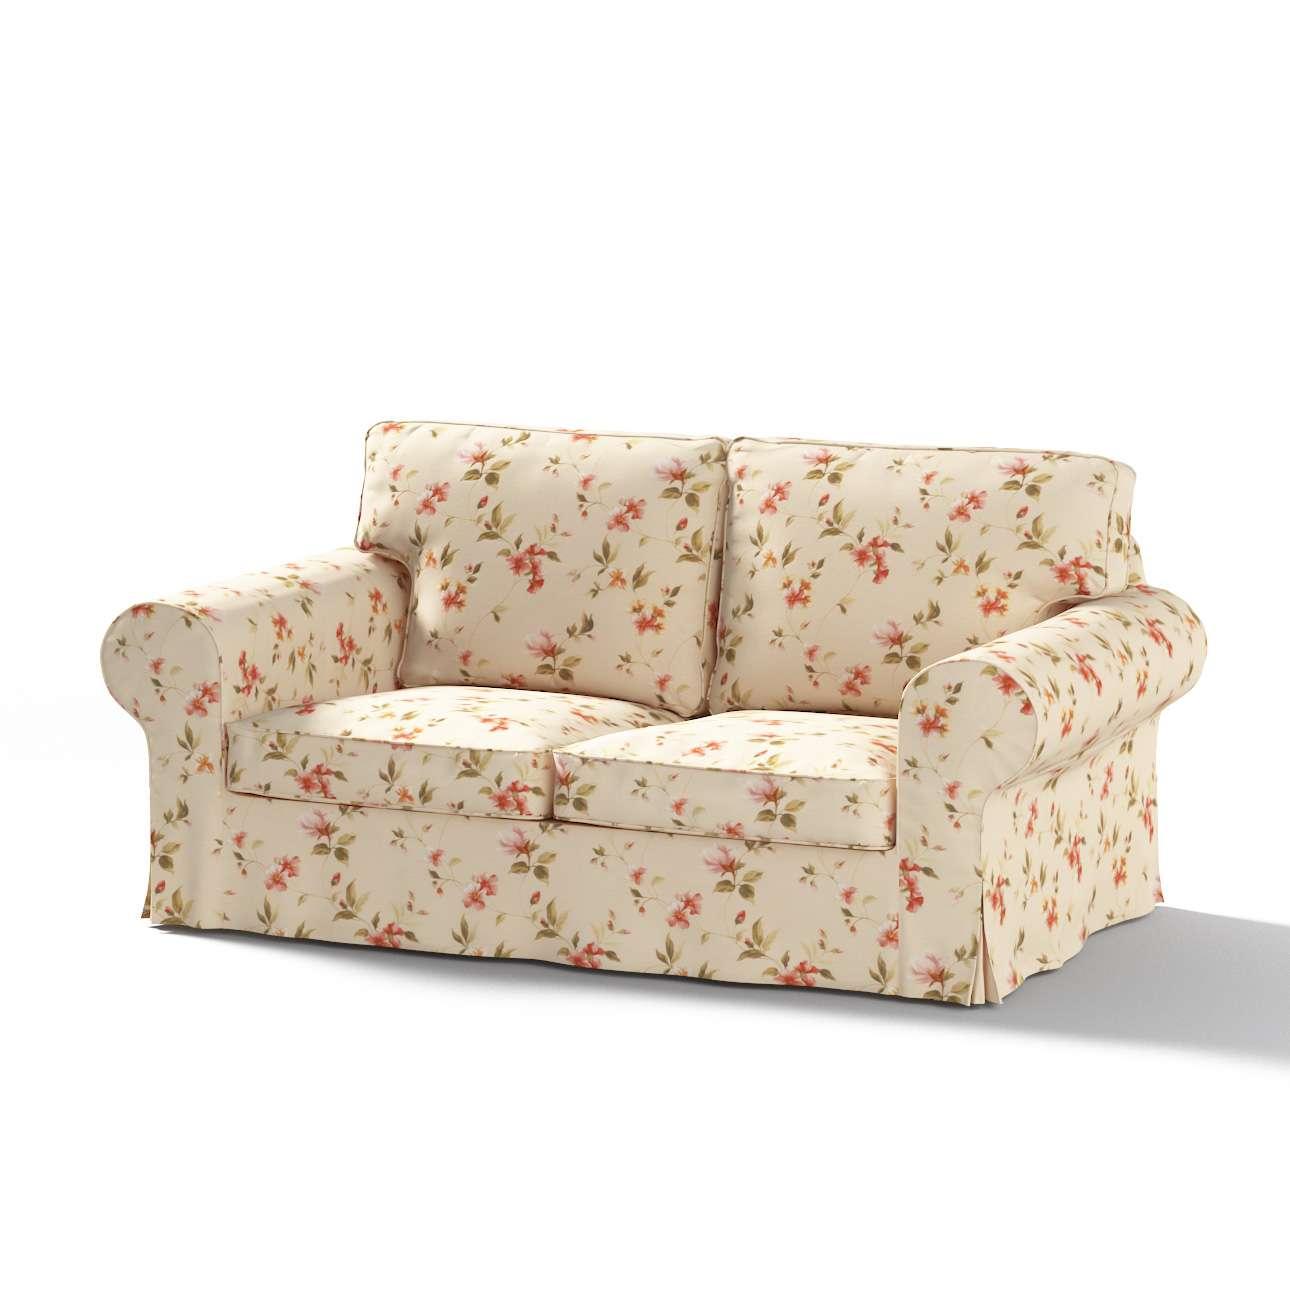 Pokrowiec na sofę Ektorp 2-osobową, rozkładaną, model do 2012 w kolekcji Londres, tkanina: 124-05